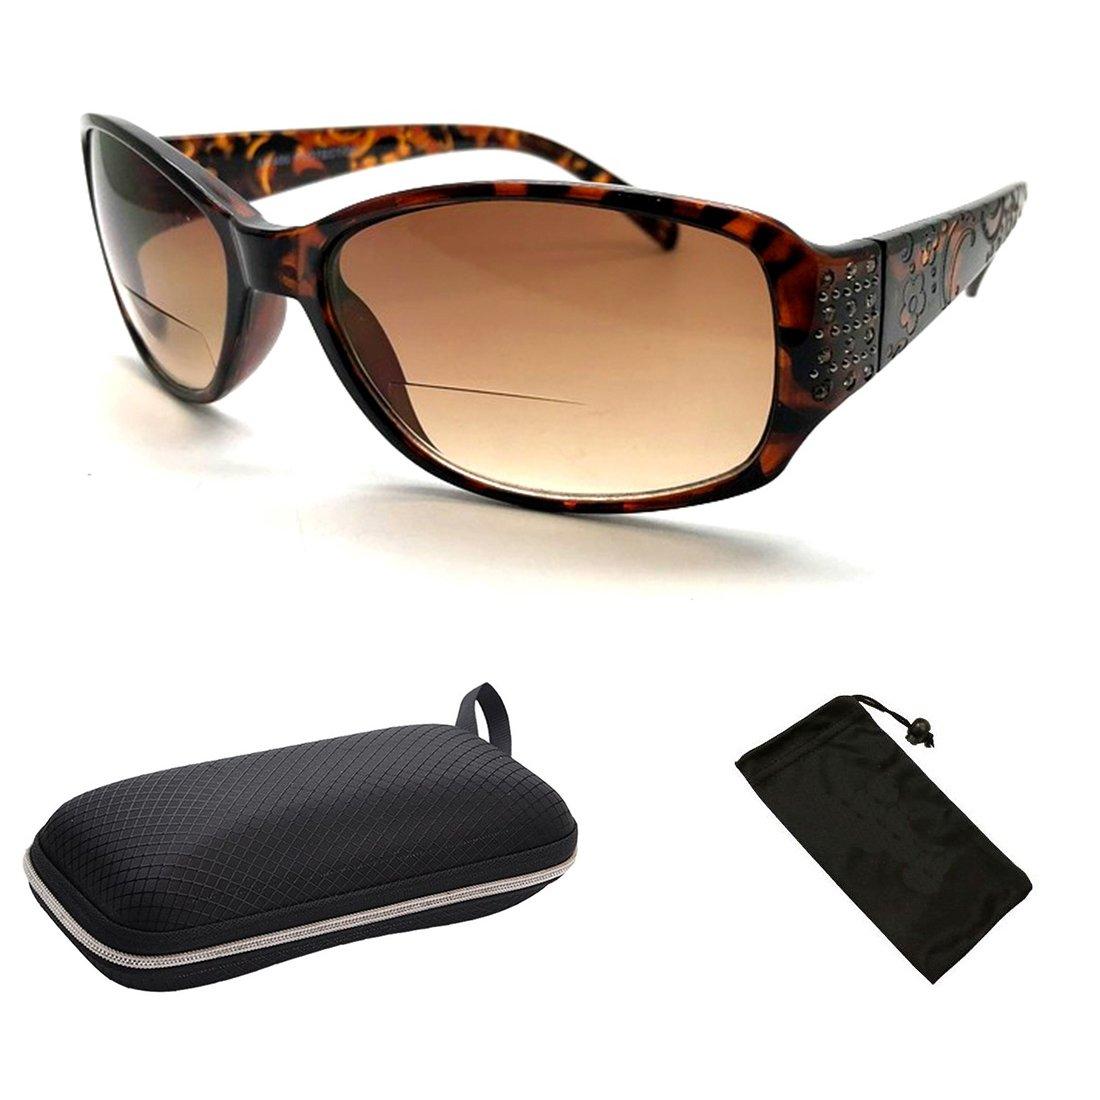 Women Bifocal Sun Readers Sunglasses Reading Glasses +1.50 +1.75 +2.00 +2.25 +2.50 +3.00 +3.50 (SR20058 Tortoise, 2.00)